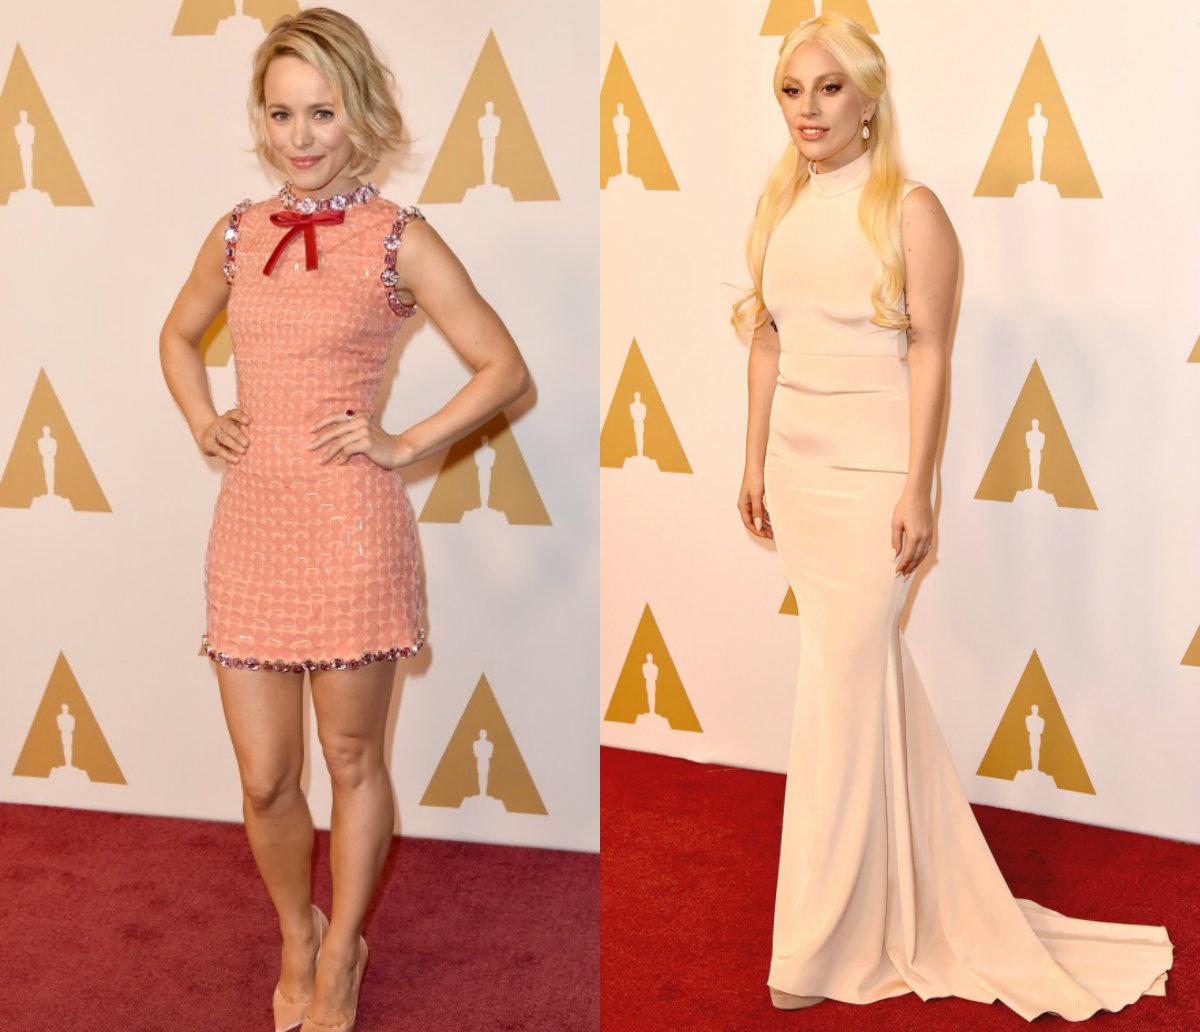 Номинанты на «Оскар-2016»: лучшие наряды на ланче в Беверли-Хиллз